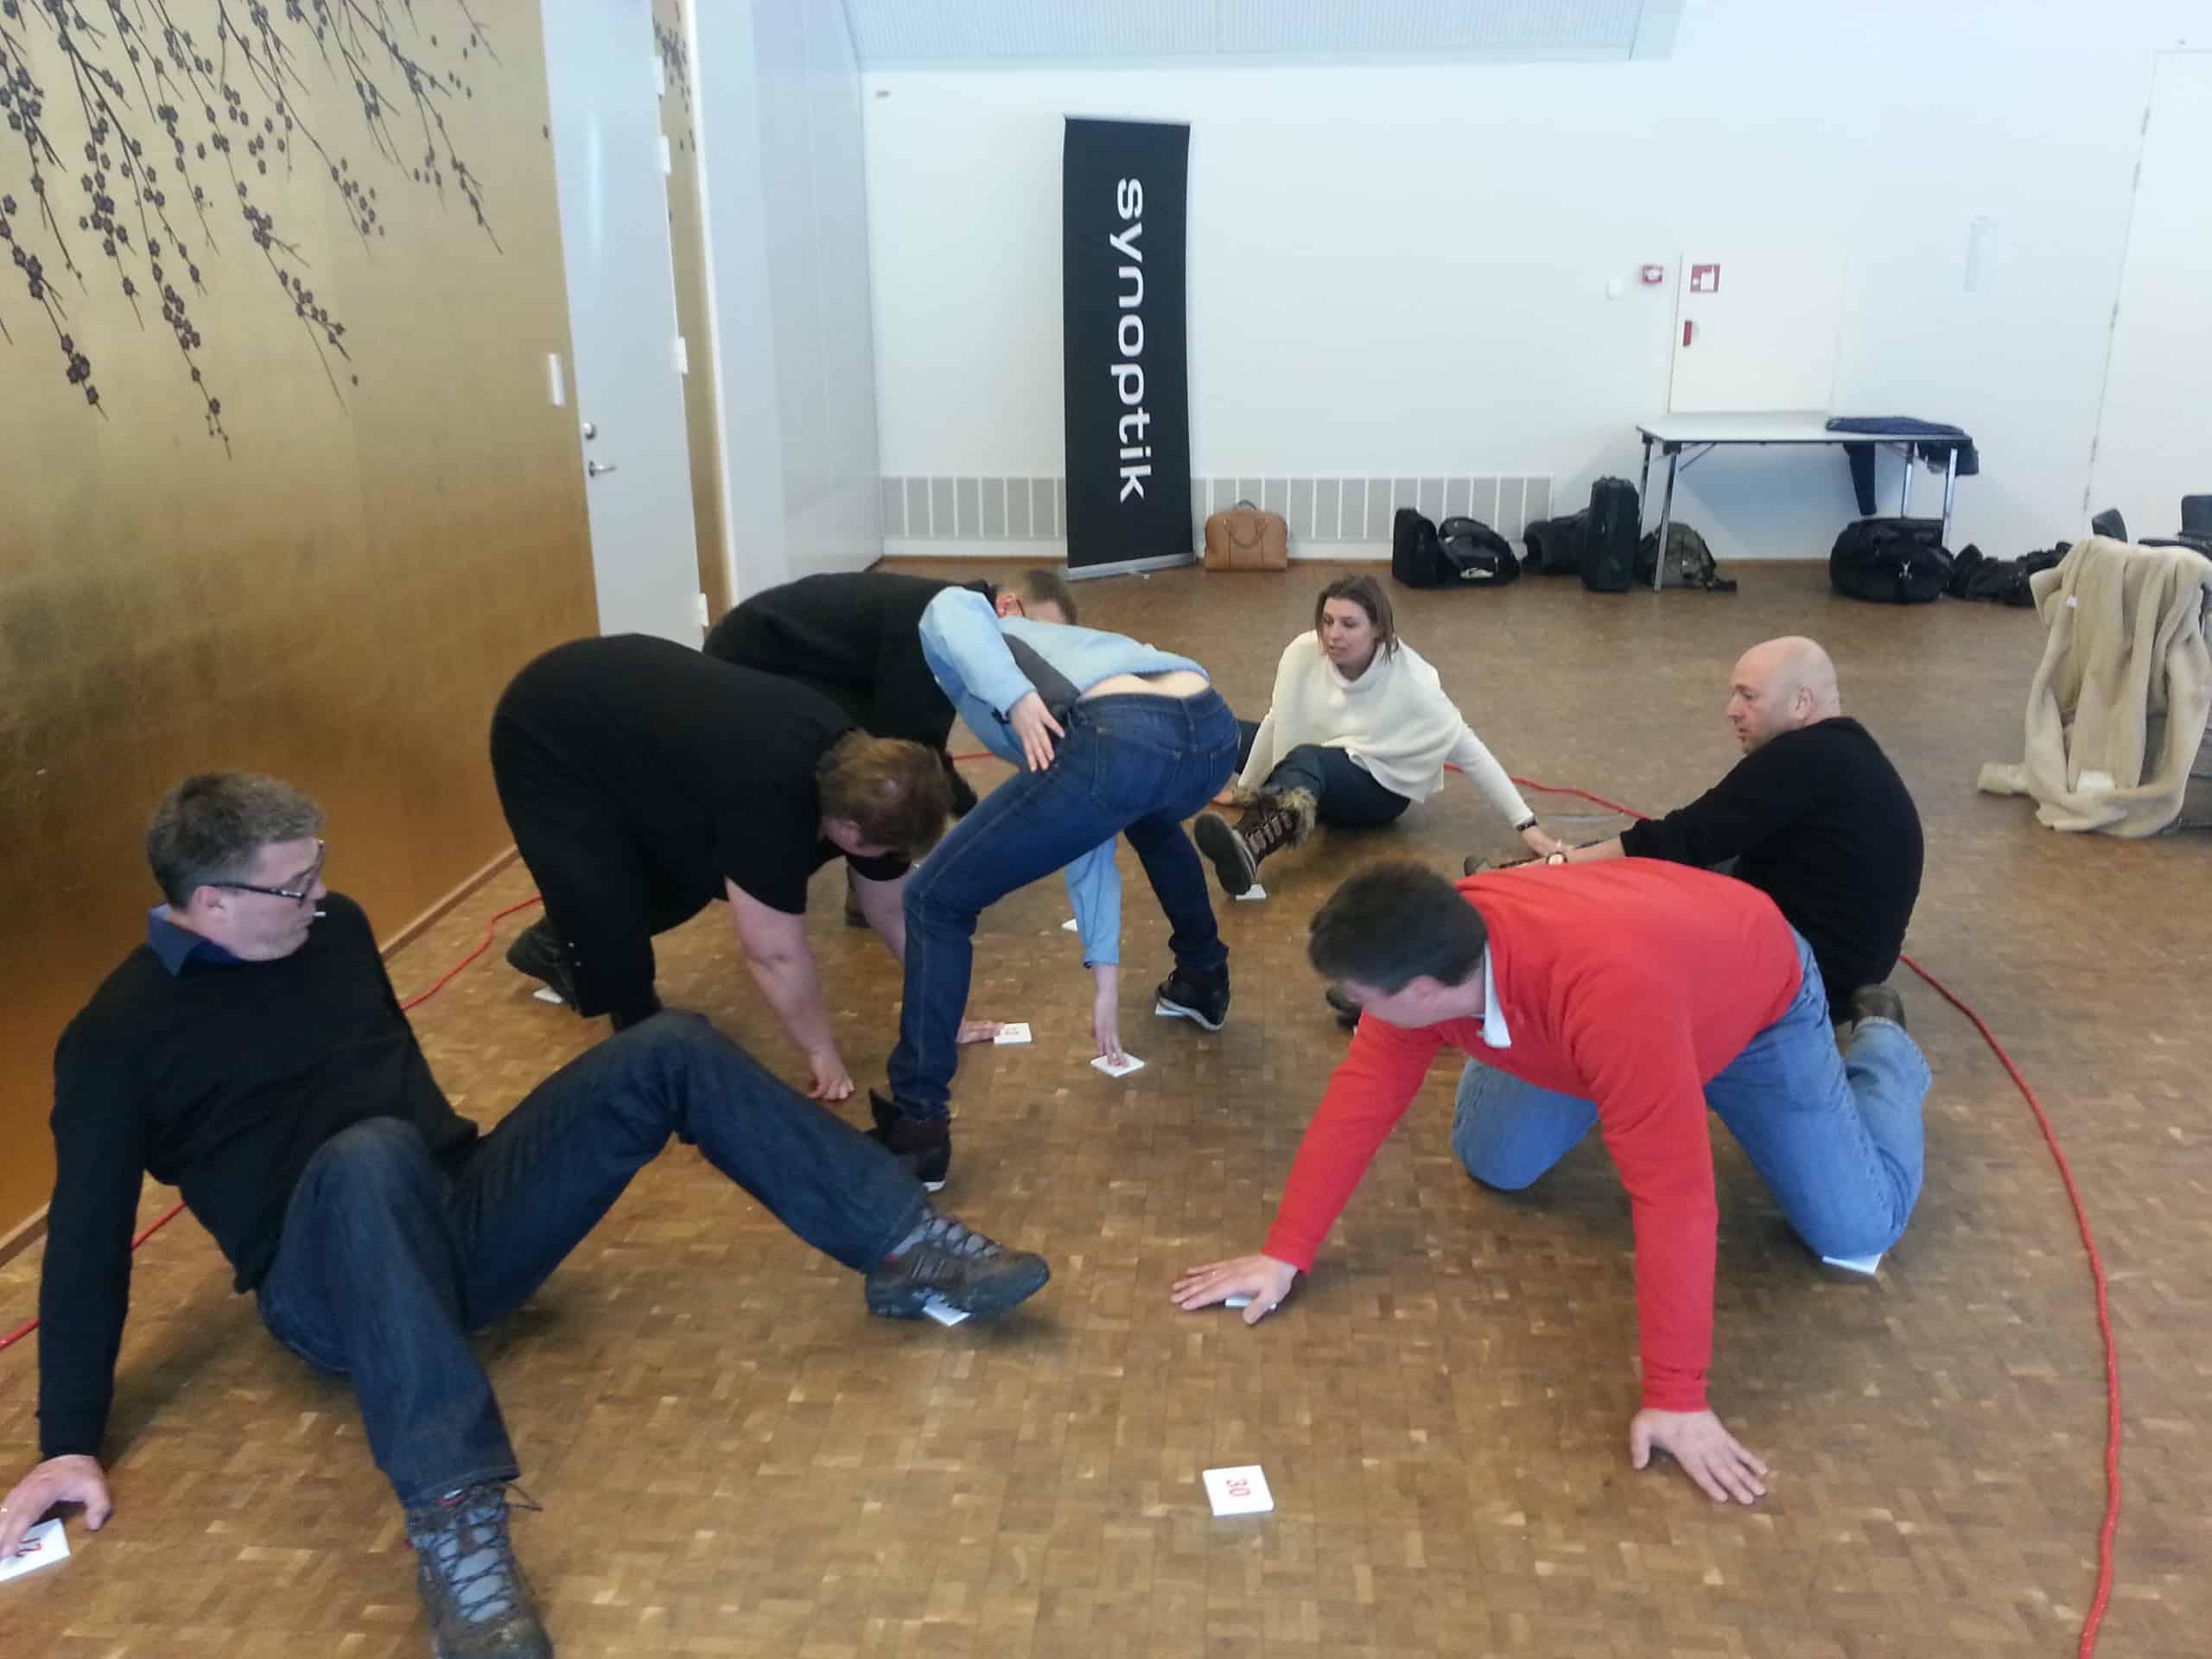 På billedet ses en gruppe igang med en teambuilding øvelse på jorden